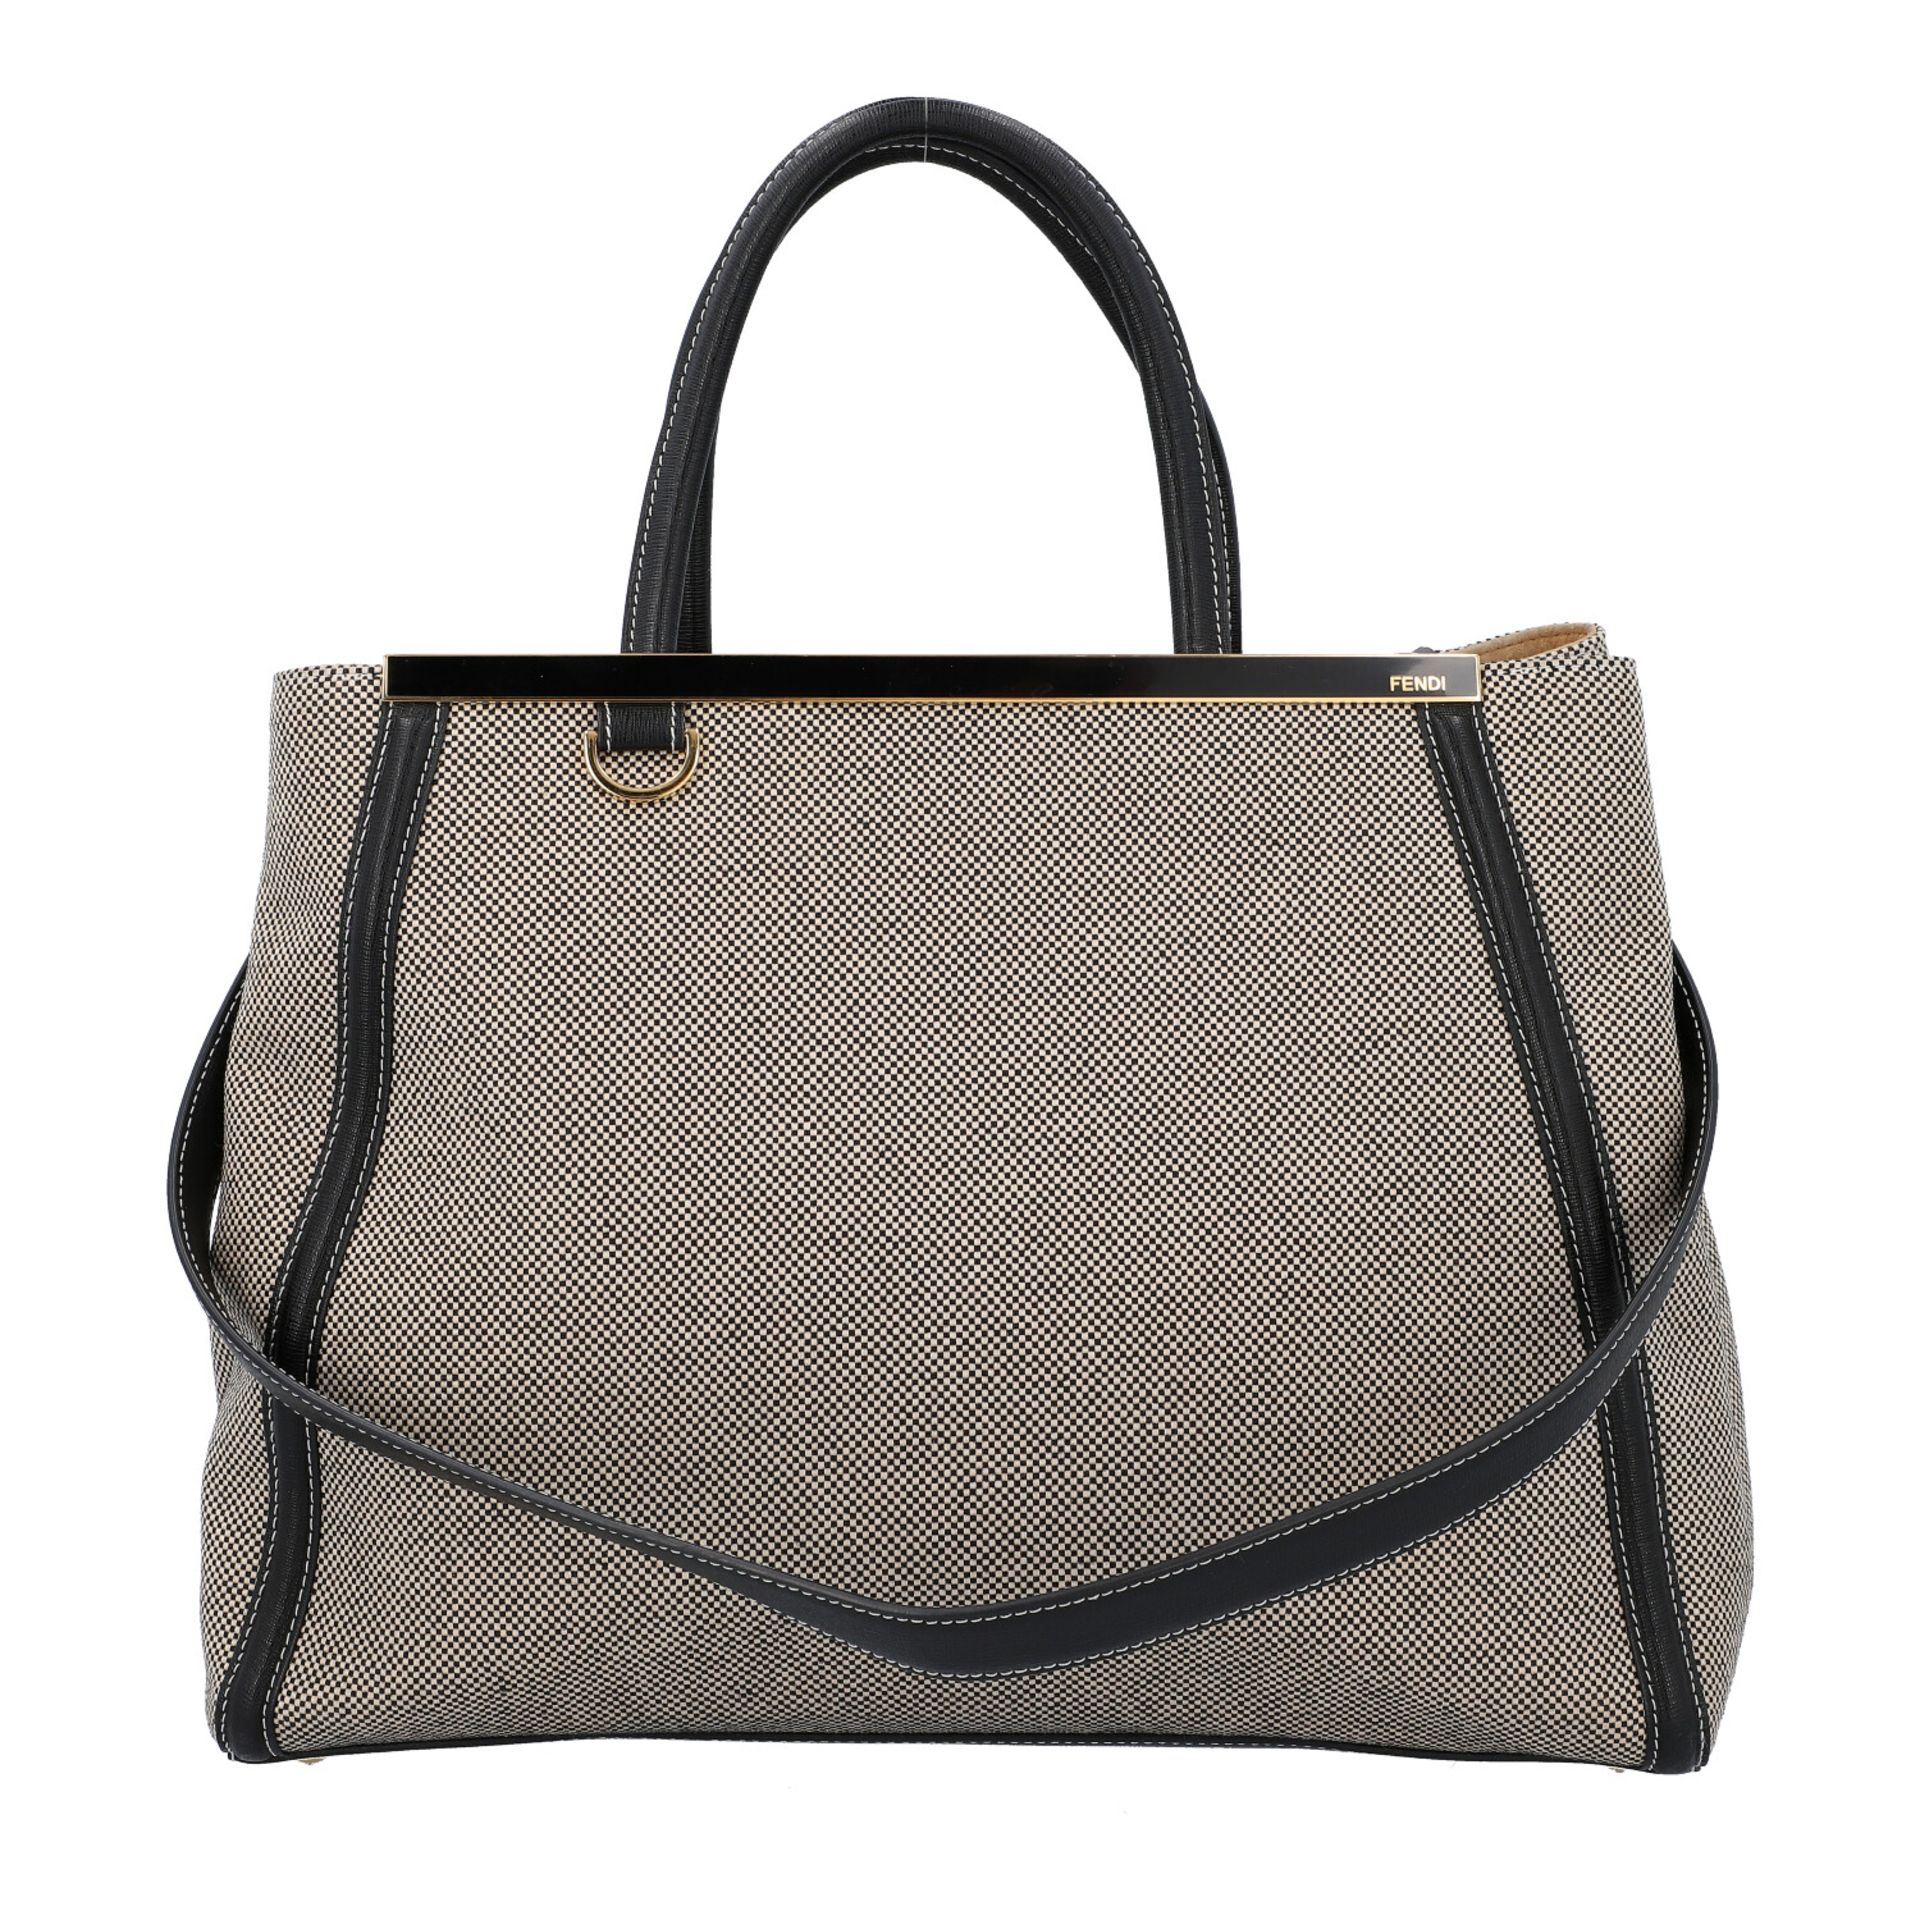 FENDI Handtasche, NP. ca.: 1.900,-€. Gewebtes Textil in Schwarz/Weiß mit schwarzem